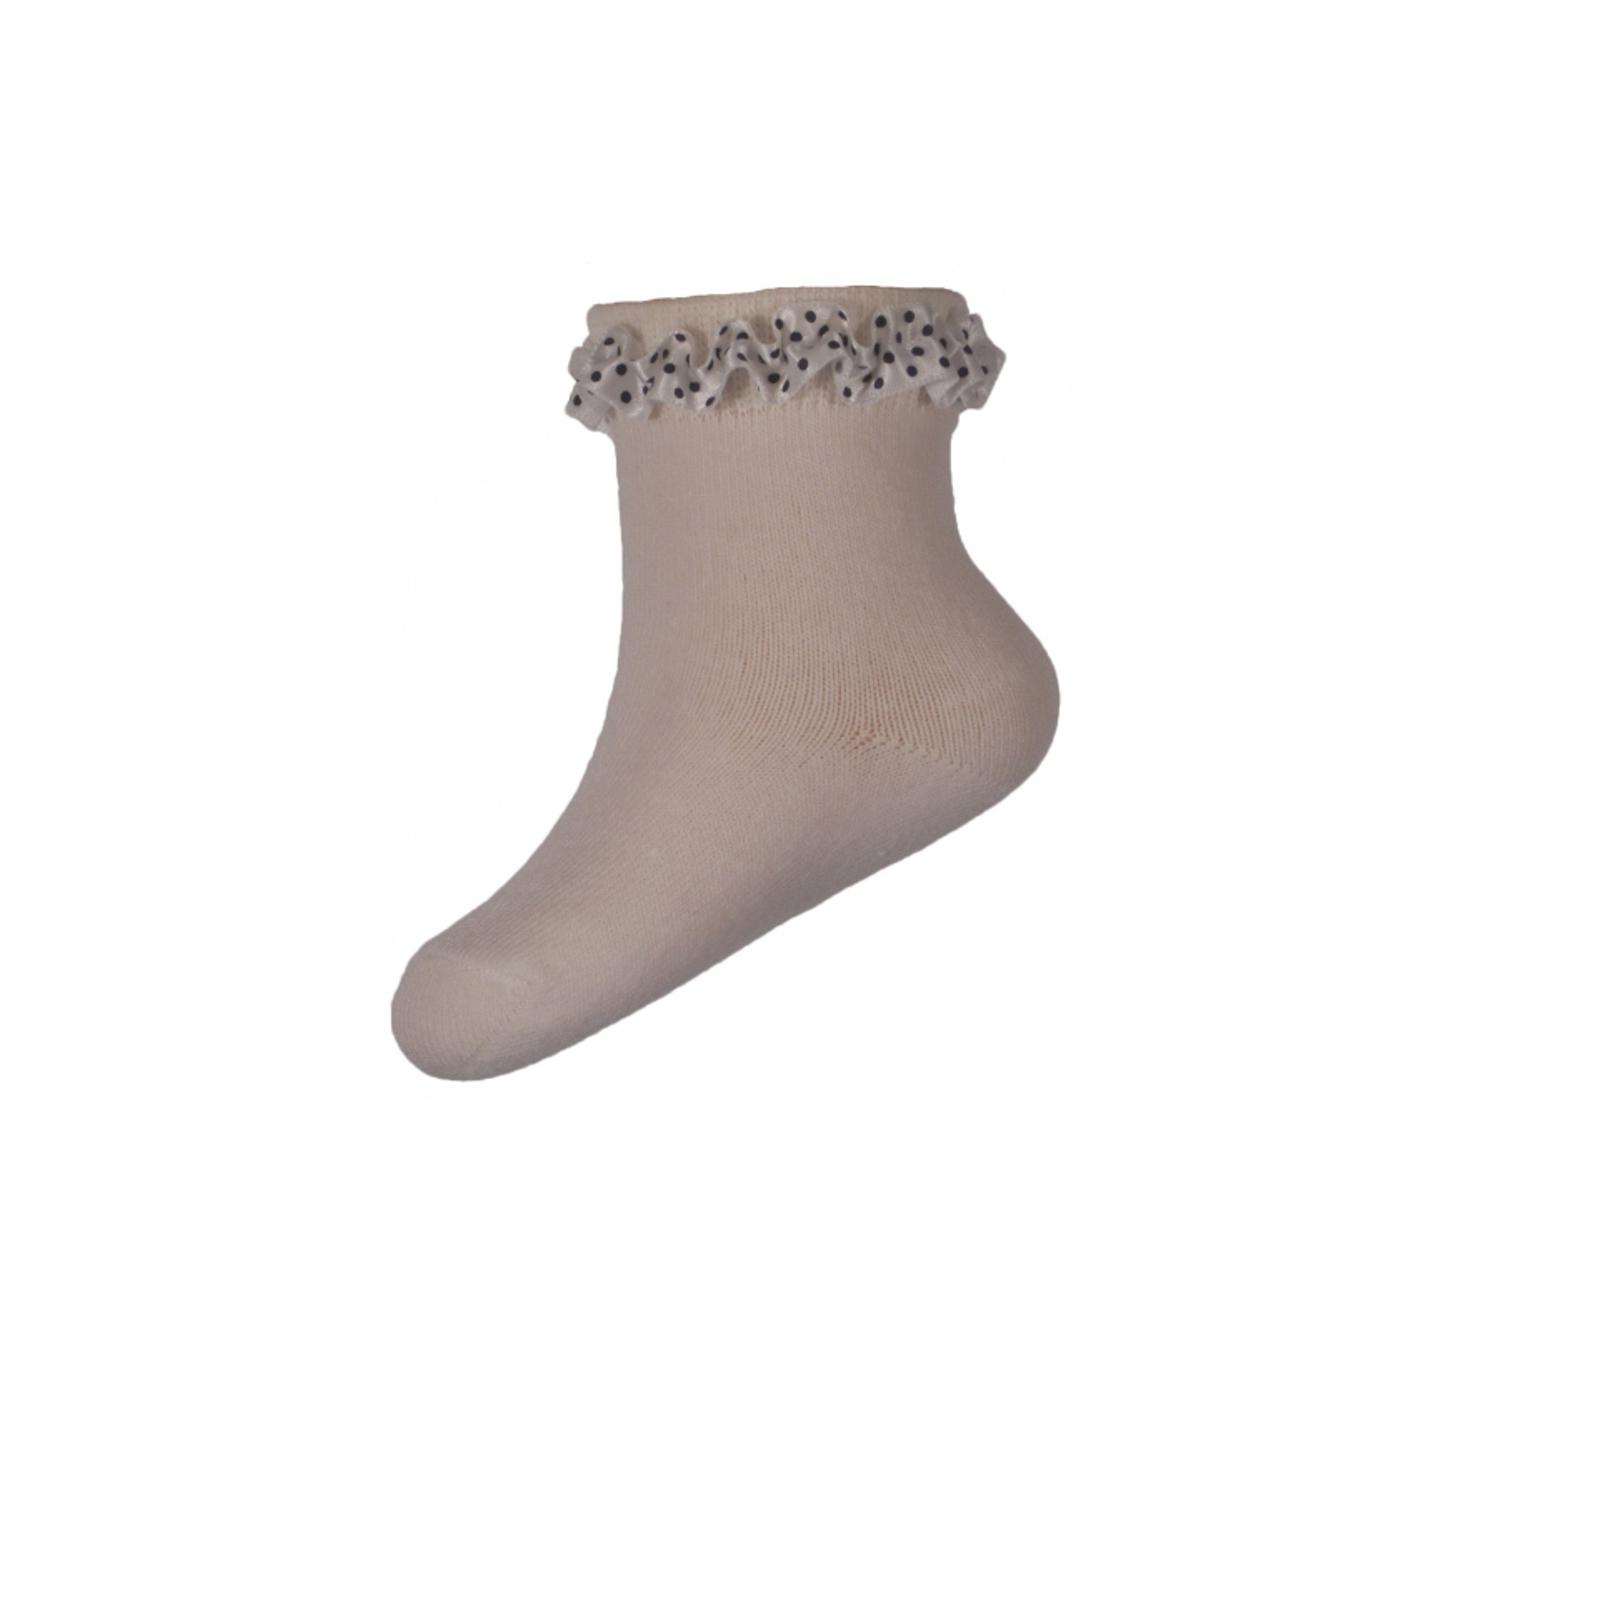 Носки Milusie модель 59 с кружевной лентой размер 11-12